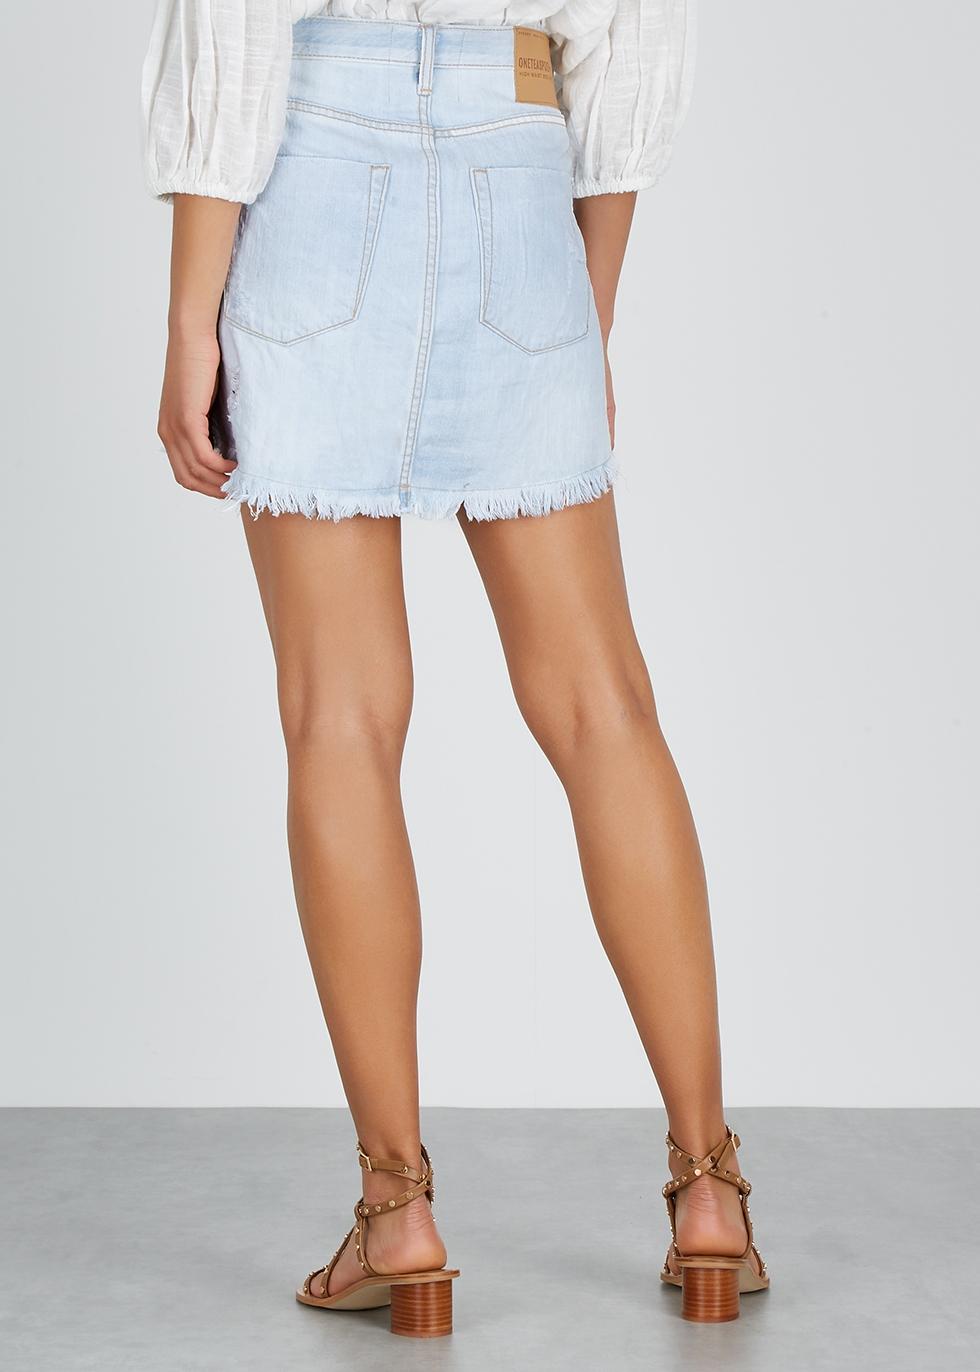 2020 distressed denim mini skirt - Oneteaspoon